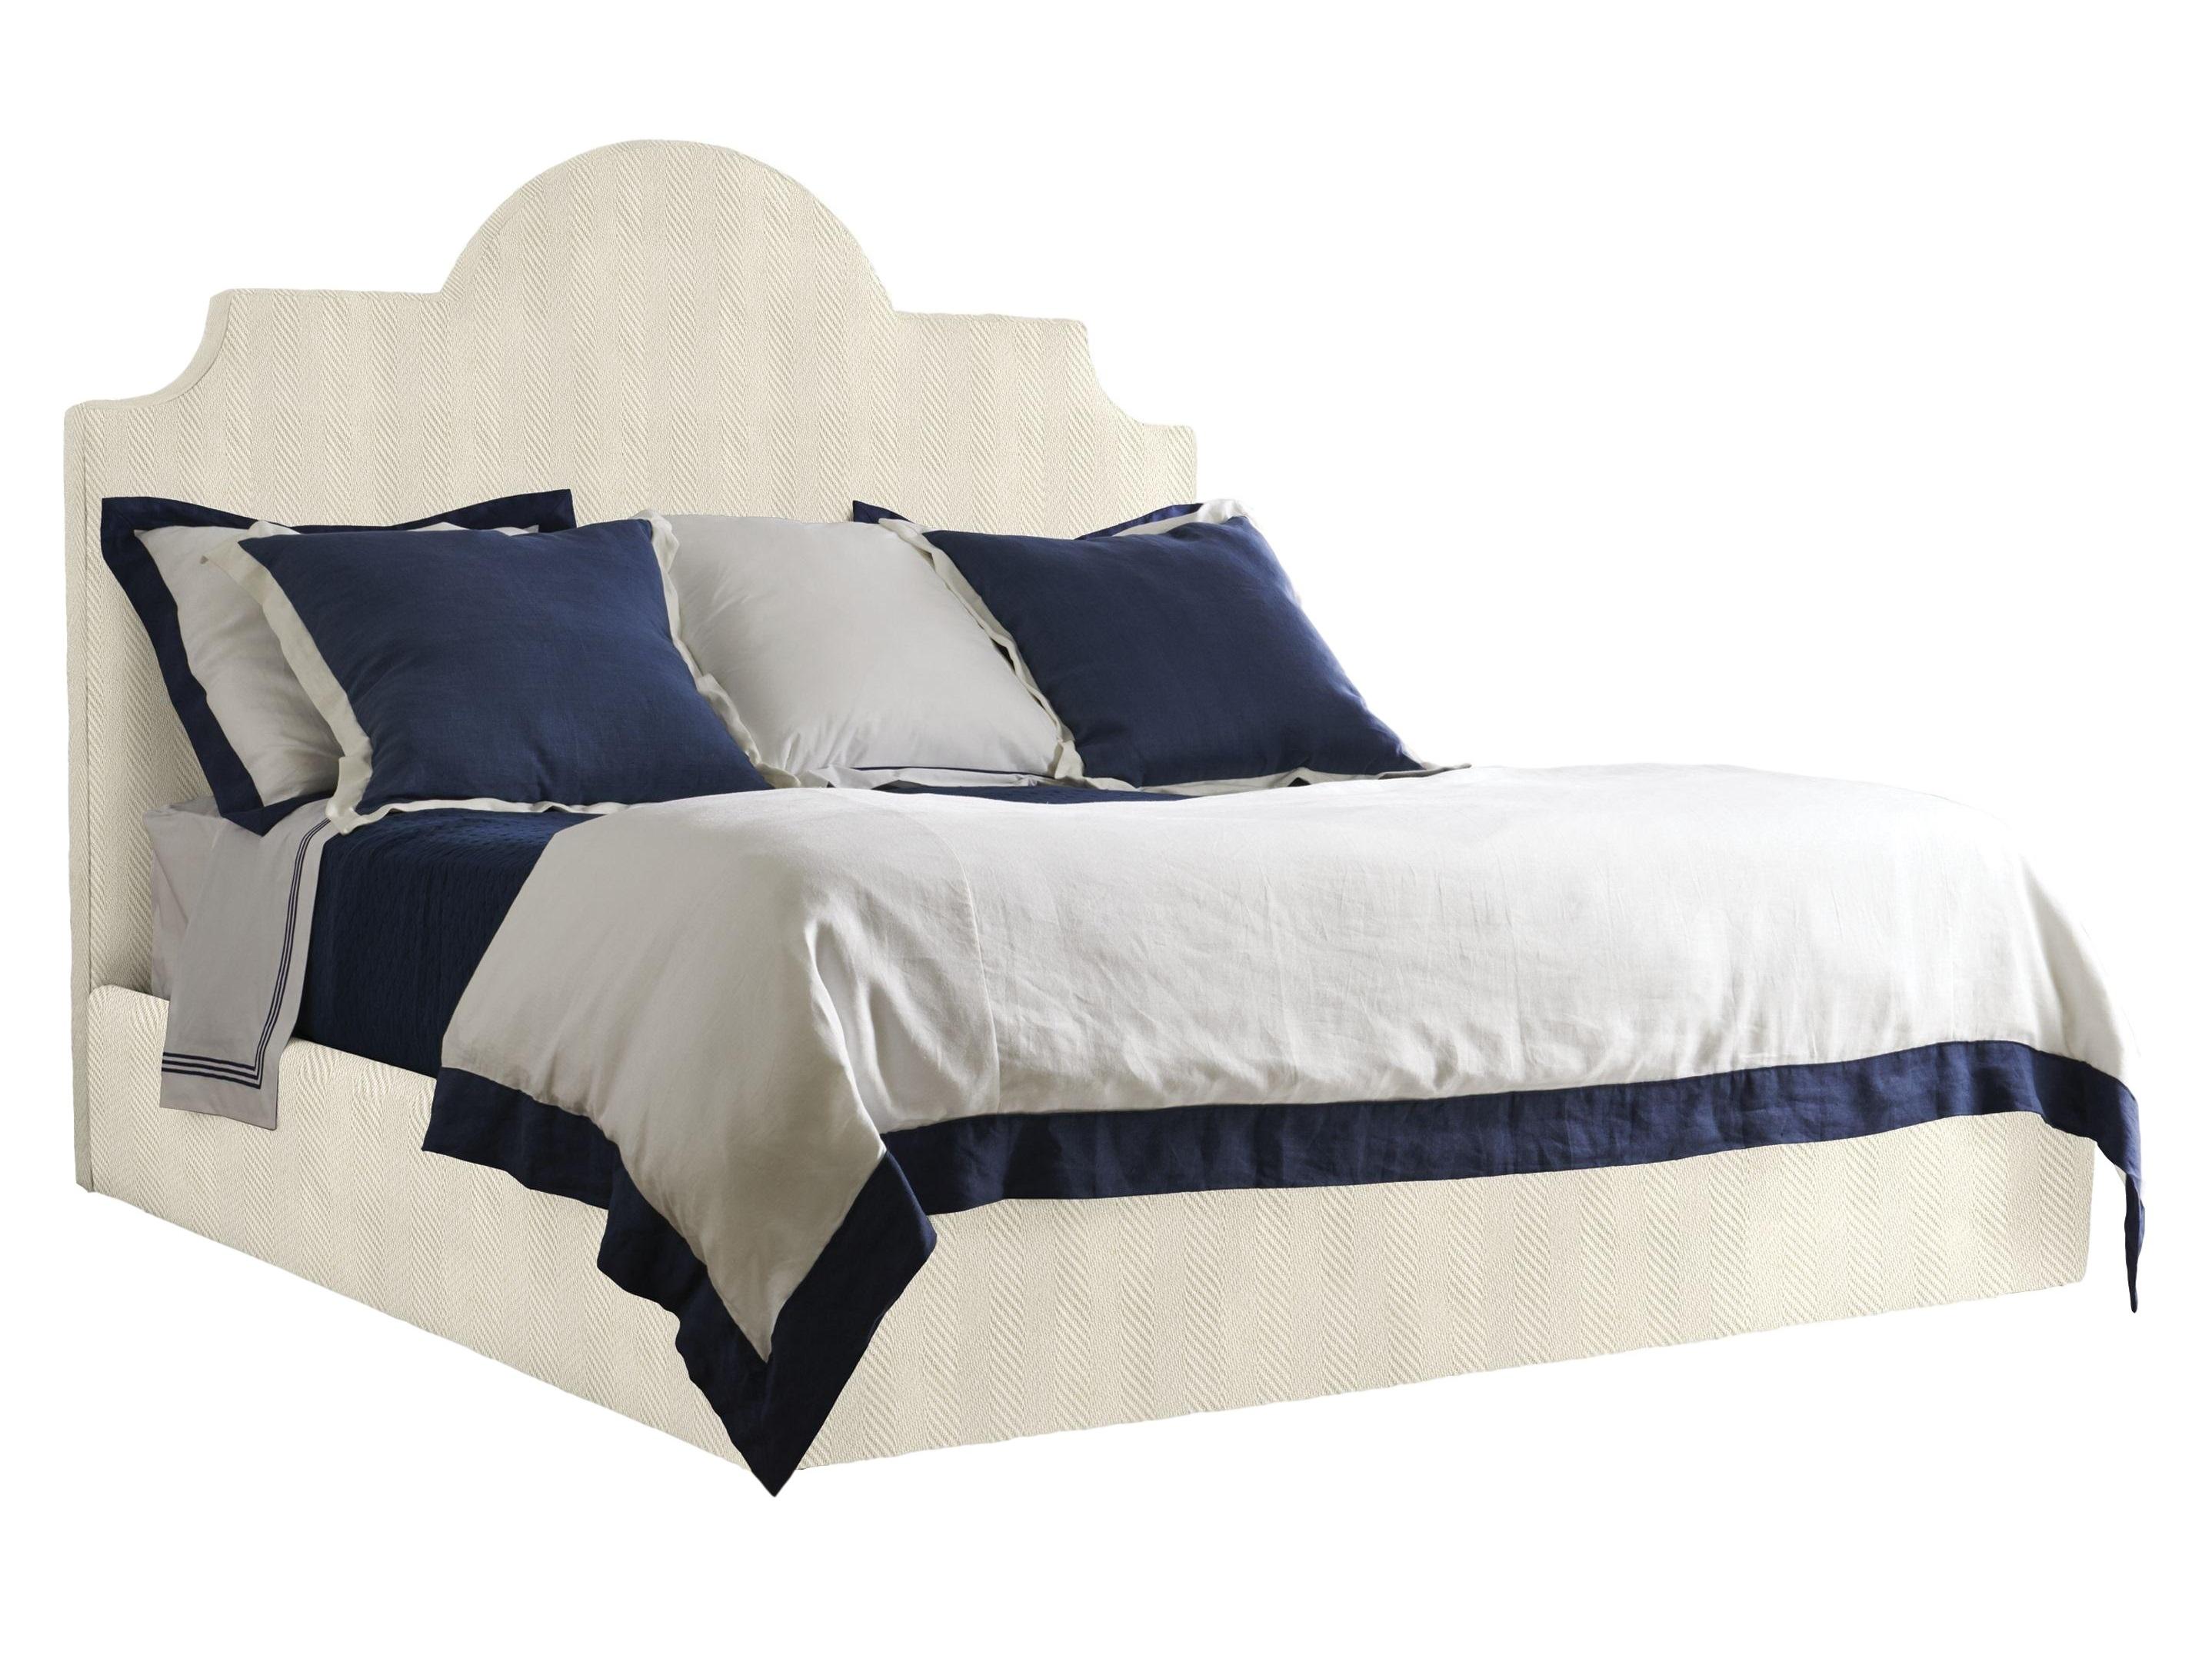 Кровать Hamptons&amp;lt;div style=&amp;quot;line-height: 24.9999px;&amp;quot;&amp;gt;&amp;lt;span style=&amp;quot;font-size: 14px;&amp;quot;&amp;gt;У вас нет дома на побережье океана? Не беда. Эта кровать в колониальном стиле поможет создать атмосферу непринужденной роскоши. Комбинируйте с массивной деревянной мебелью для интерьеров в темных тонах, или, наоборот, с позолоченными металлическими столиками, чтобы добиться эффекта в стиле Vogue. &amp;amp;nbsp;&amp;lt;/span&amp;gt;&amp;lt;/div&amp;gt;&amp;lt;div style=&amp;quot;line-height: 24.9999px;&amp;quot;&amp;gt;&amp;lt;span style=&amp;quot;font-size: 14px;&amp;quot;&amp;gt;&amp;lt;br&amp;gt;&amp;lt;/span&amp;gt;&amp;lt;/div&amp;gt;&amp;lt;div style=&amp;quot;line-height: 24.9999px;&amp;quot;&amp;gt;&amp;lt;span style=&amp;quot;font-size: 14px;&amp;quot;&amp;gt;Гарантия качества&amp;amp;nbsp;&amp;lt;/span&amp;gt;&amp;lt;/div&amp;gt;&amp;lt;div style=&amp;quot;line-height: 24.9999px;&amp;quot;&amp;gt;Съемные чехлы&amp;lt;/div&amp;gt;&amp;lt;div style=&amp;quot;line-height: 24.9999px;&amp;quot;&amp;gt;200 вариантов тканей. &amp;amp;nbsp;&amp;lt;/div&amp;gt;&amp;lt;div style=&amp;quot;line-height: 24.9999px;&amp;quot;&amp;gt;Размер спального места: 160х200. Возможны другие размеры.&amp;amp;nbsp;&amp;lt;/div&amp;gt;<br><br>Material: Текстиль<br>Ширина см: 170<br>Высота см: 150<br>Глубина см: 210